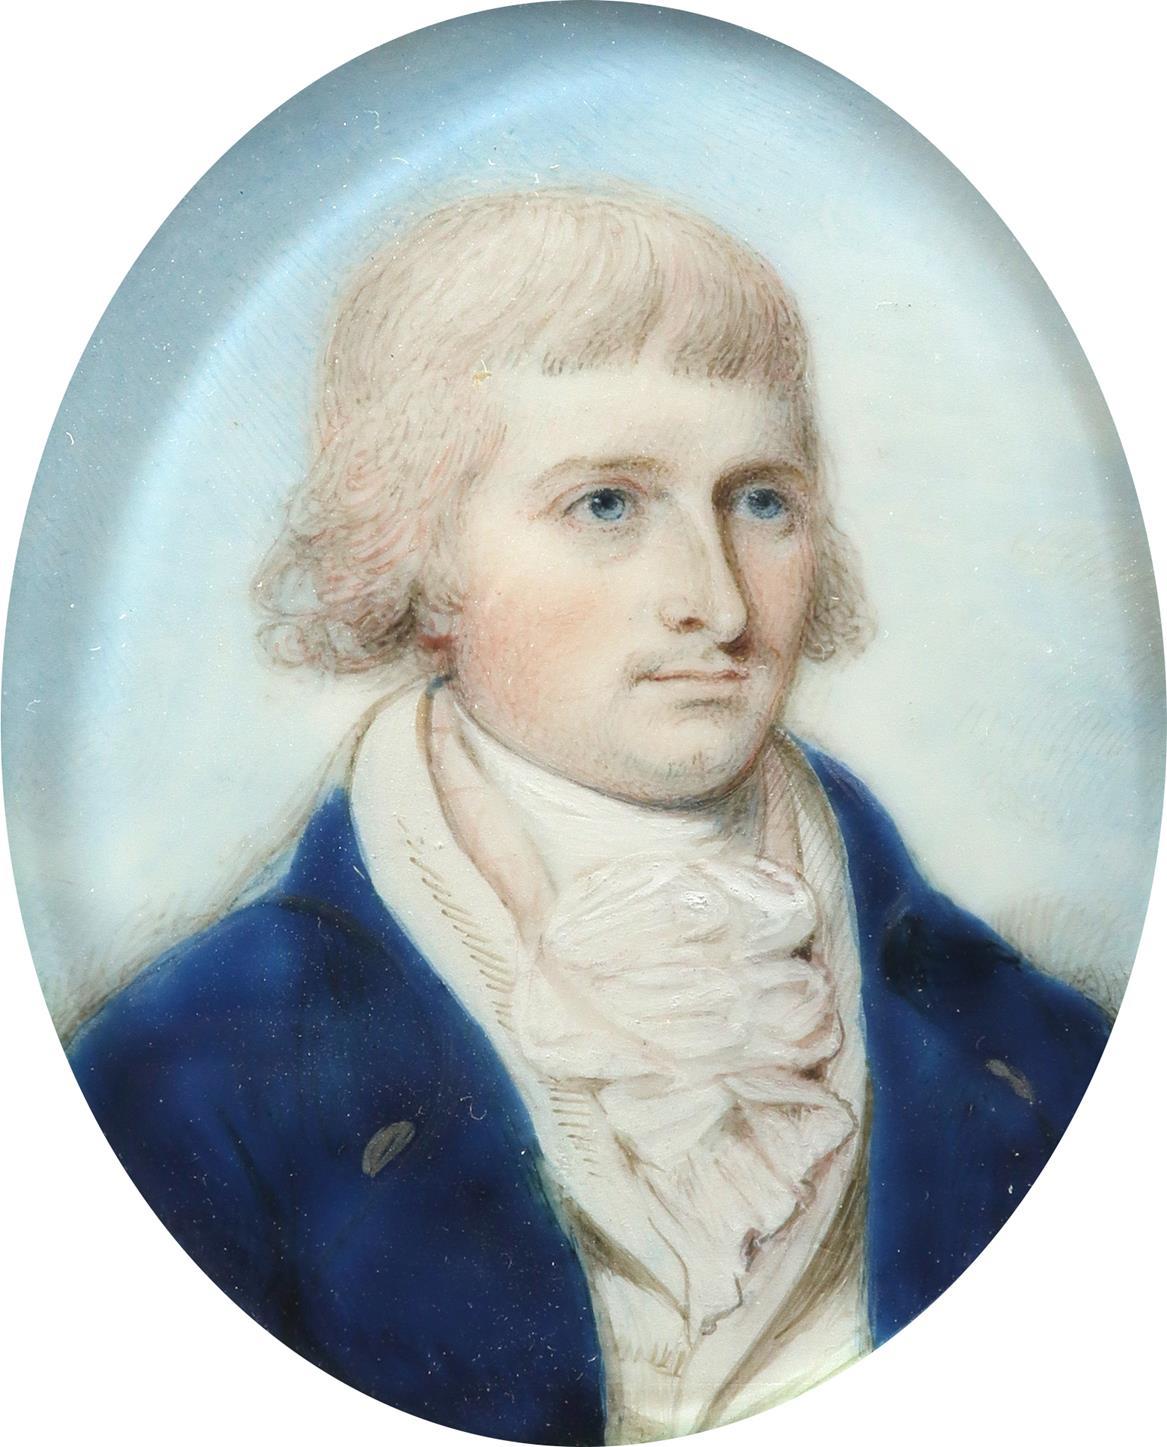 λThomas H. Hull (act. 1775-1827) Portrait miniature of a gentleman in a blue coat and white - Image 2 of 3